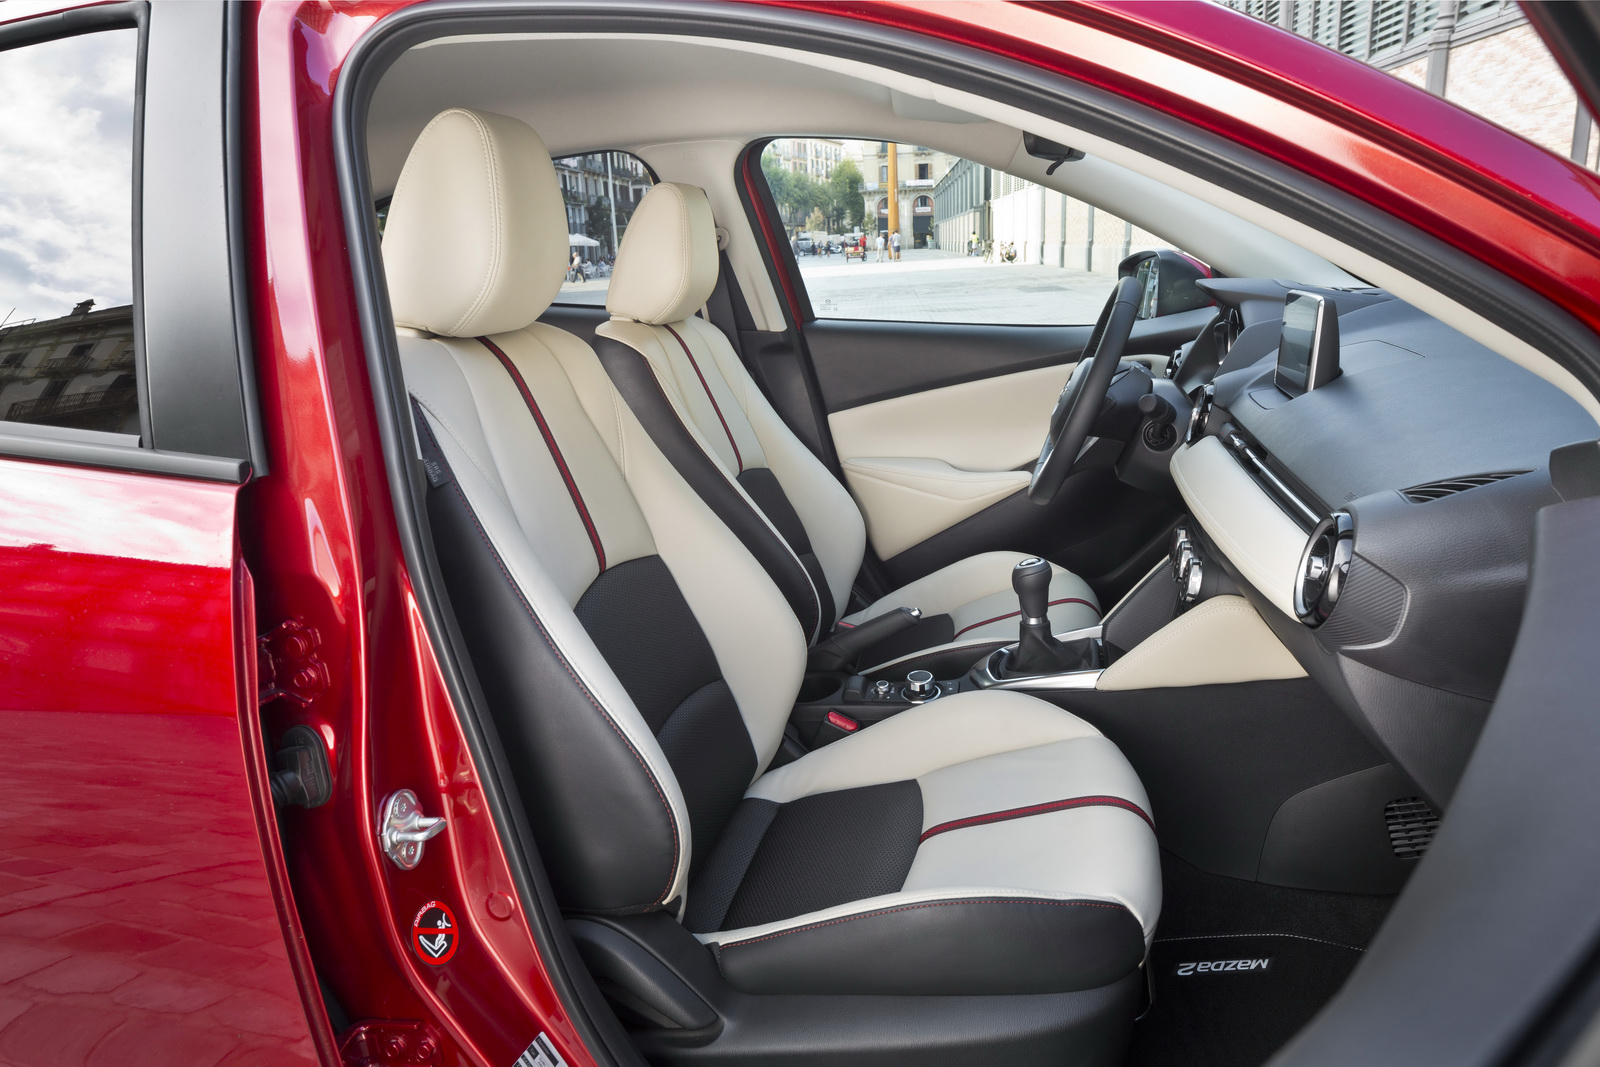 Nội thất Mazda 2 Sedan được trang bị nhiều tùy chọn tiêu chuẩn giống với phiên bản Hatchback